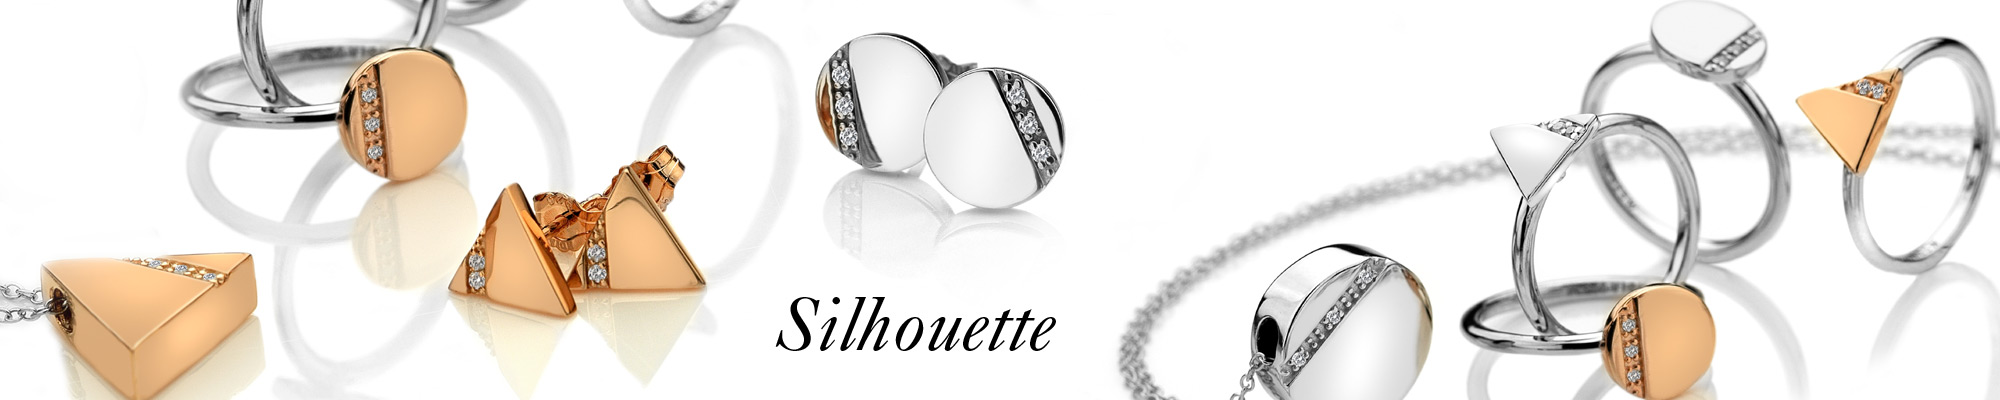 kolekce Silhouette